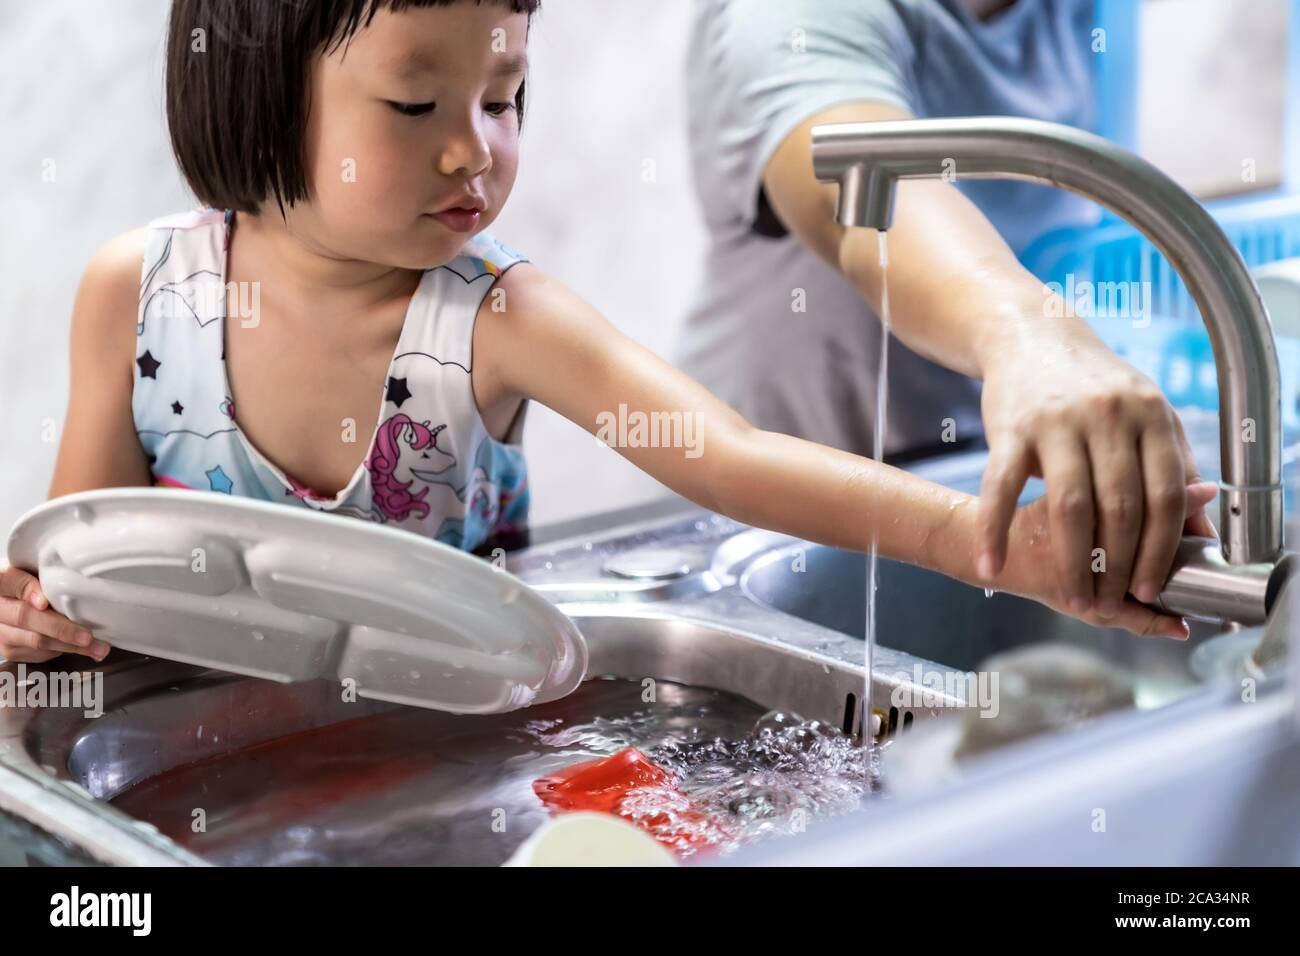 Niña asiática lavando plato y vajilla con su mamá, las tareas domésticas para el niño hacen la función ejecutiva para el niño. Trabajo en casa para niños estilo de vida y familia Foto de stock